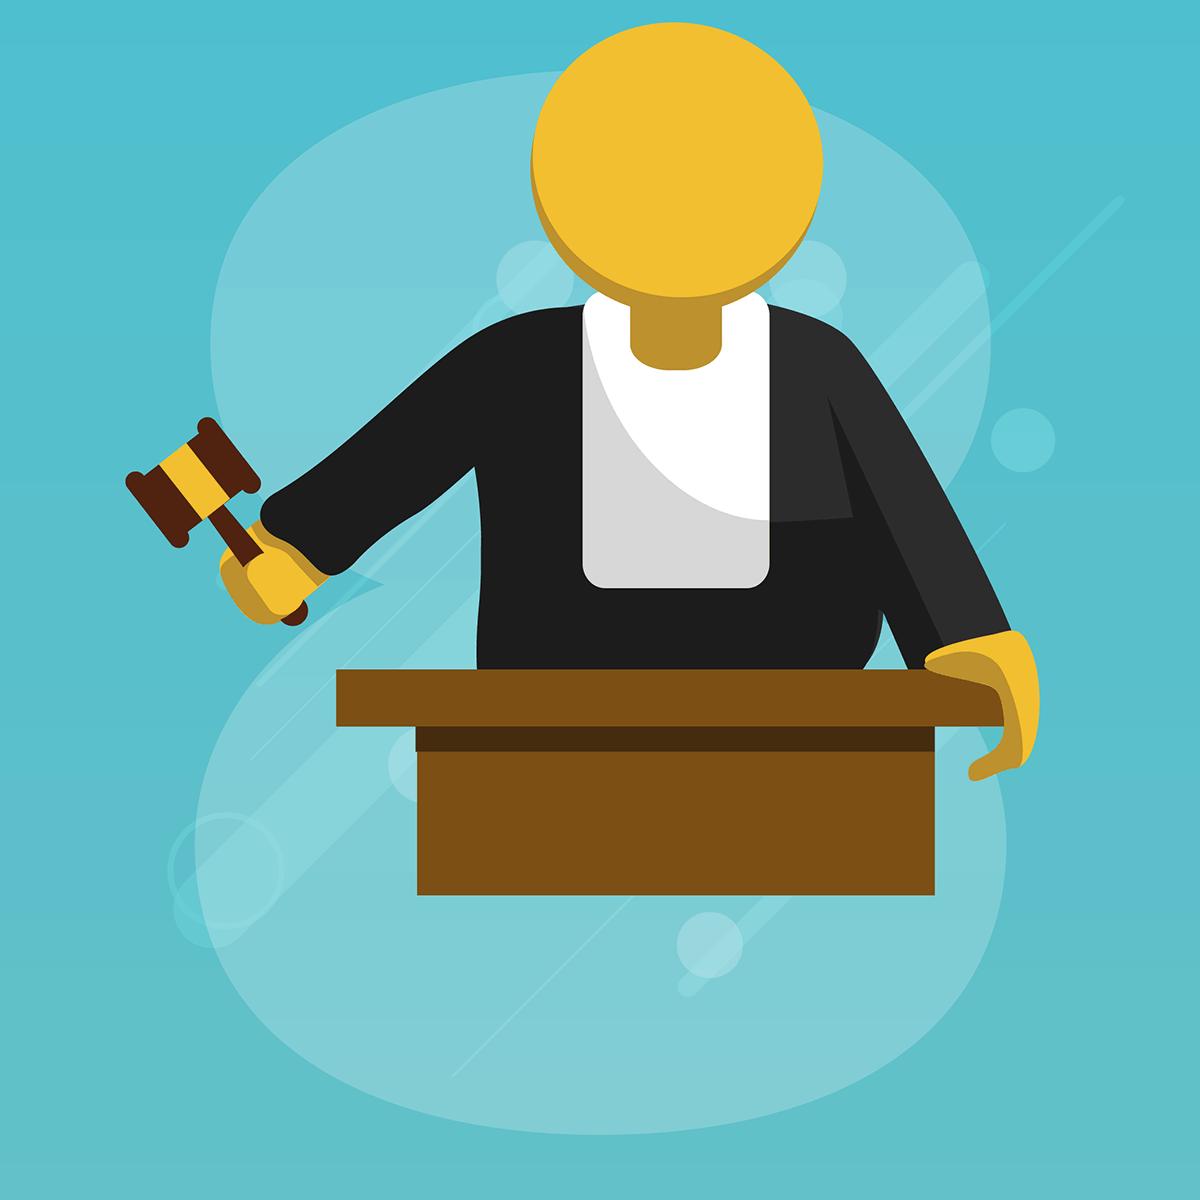 Derecho al recurso ante un tribunal competente